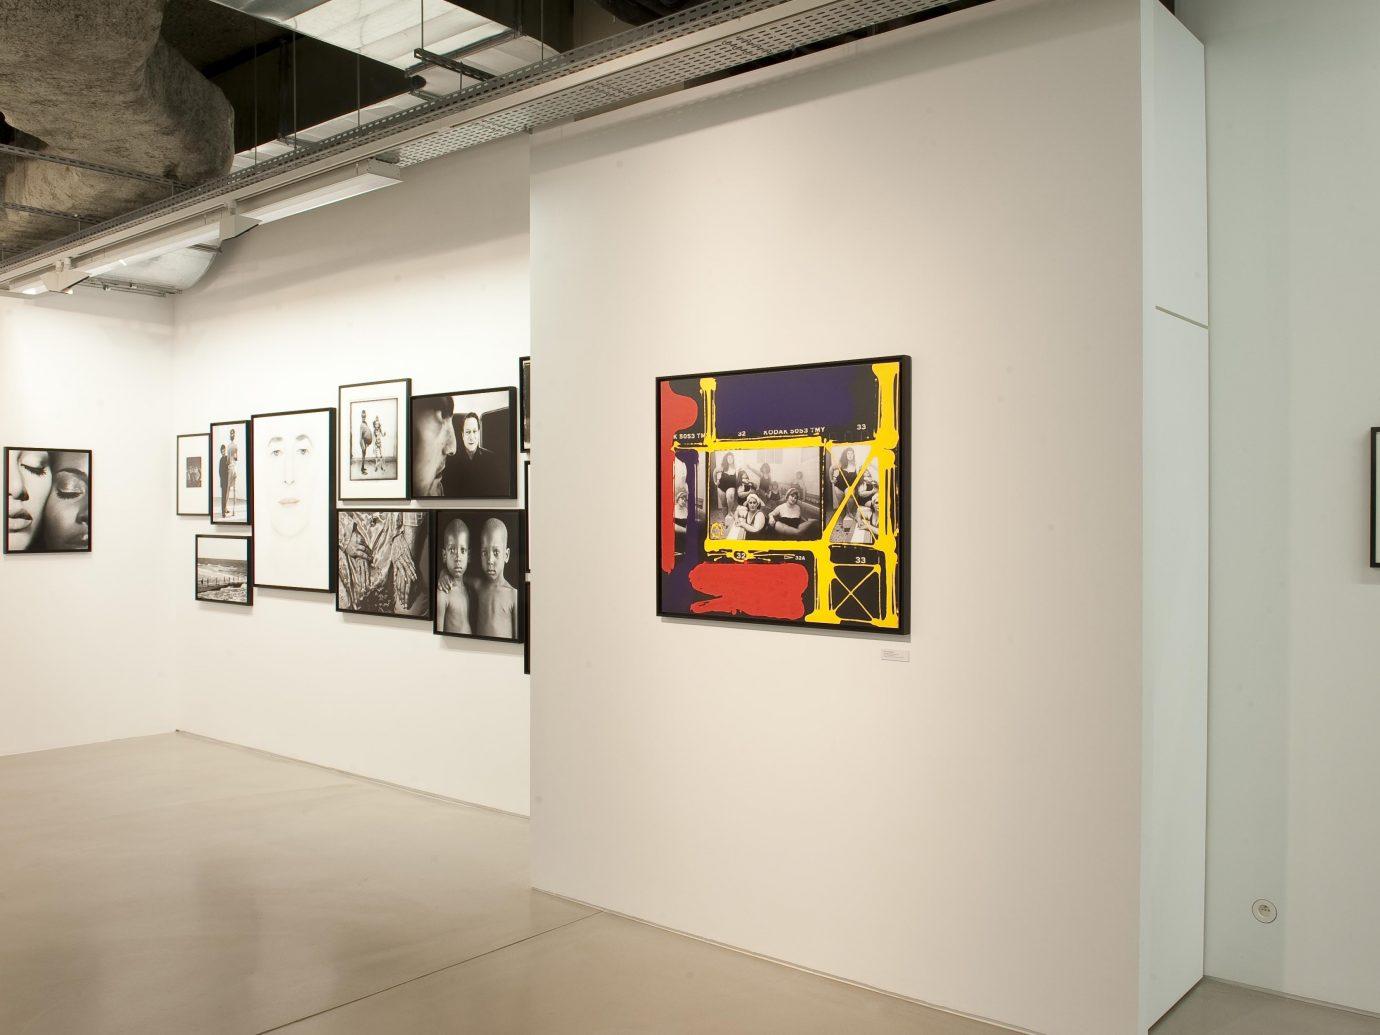 Gallery at the Le Royal Monceau Raffles Paris